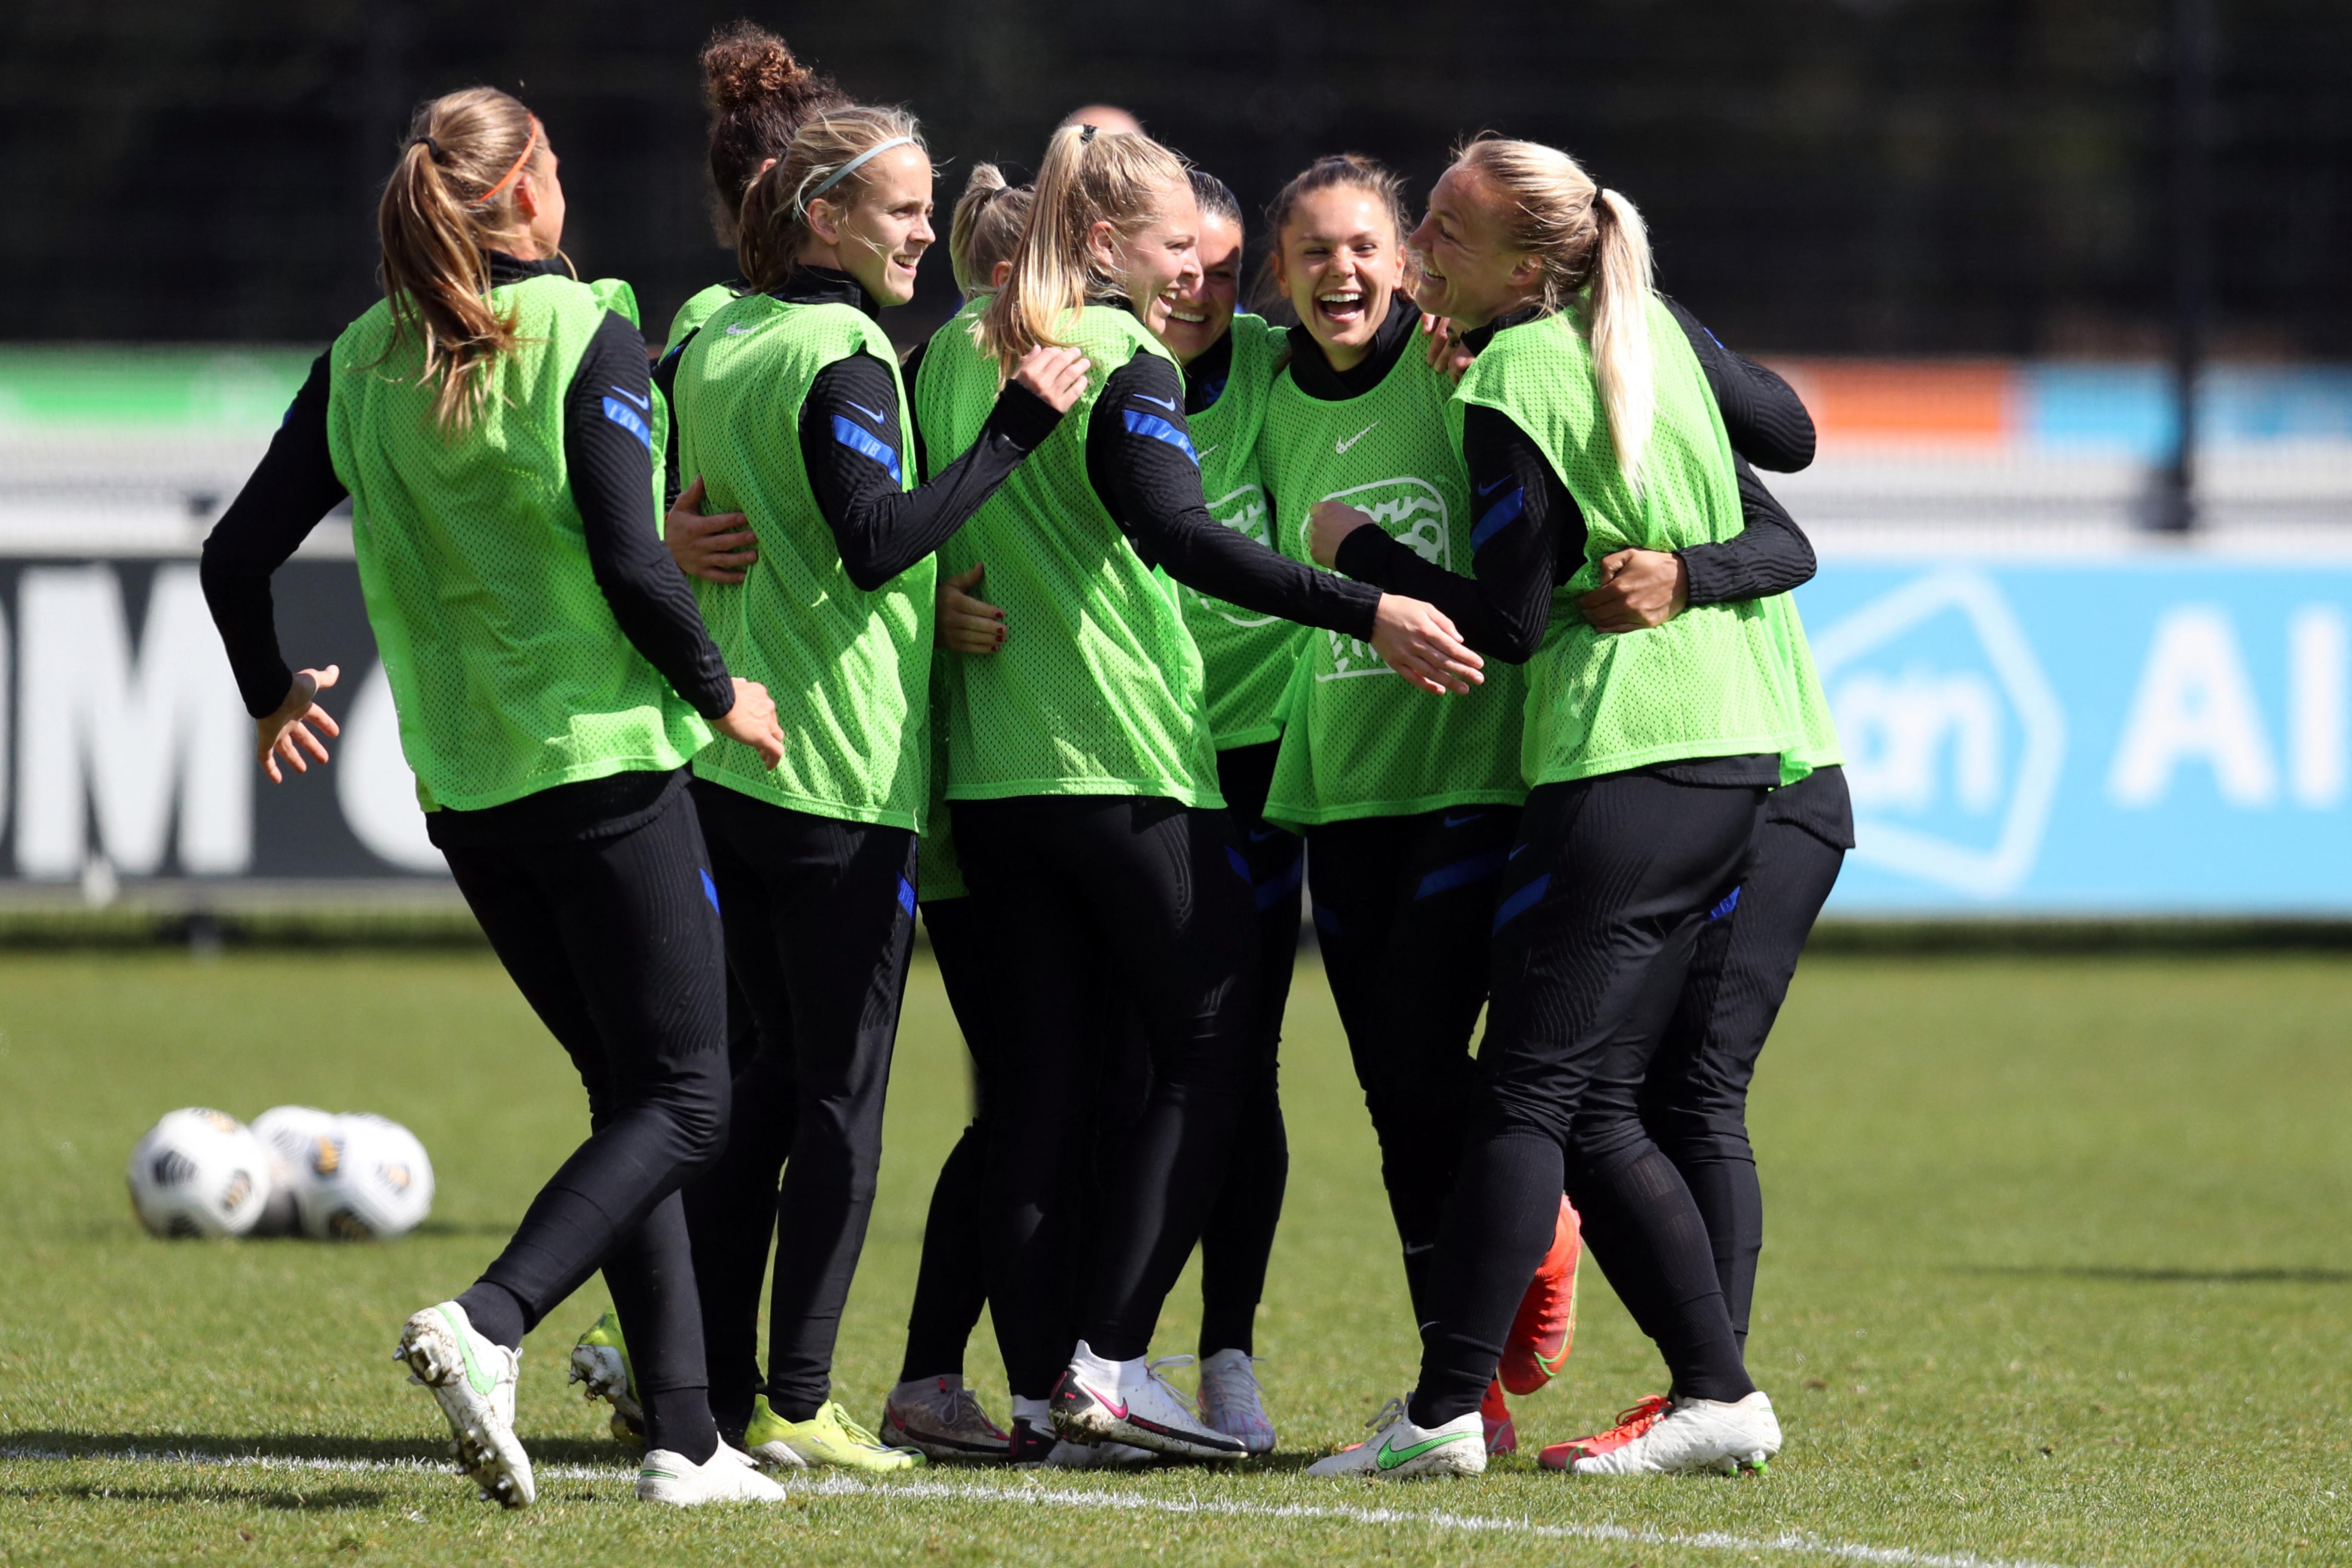 Nők és férfiak együtt léphetnek pályára a holland amatőr labdarúgó-bajnokságokban